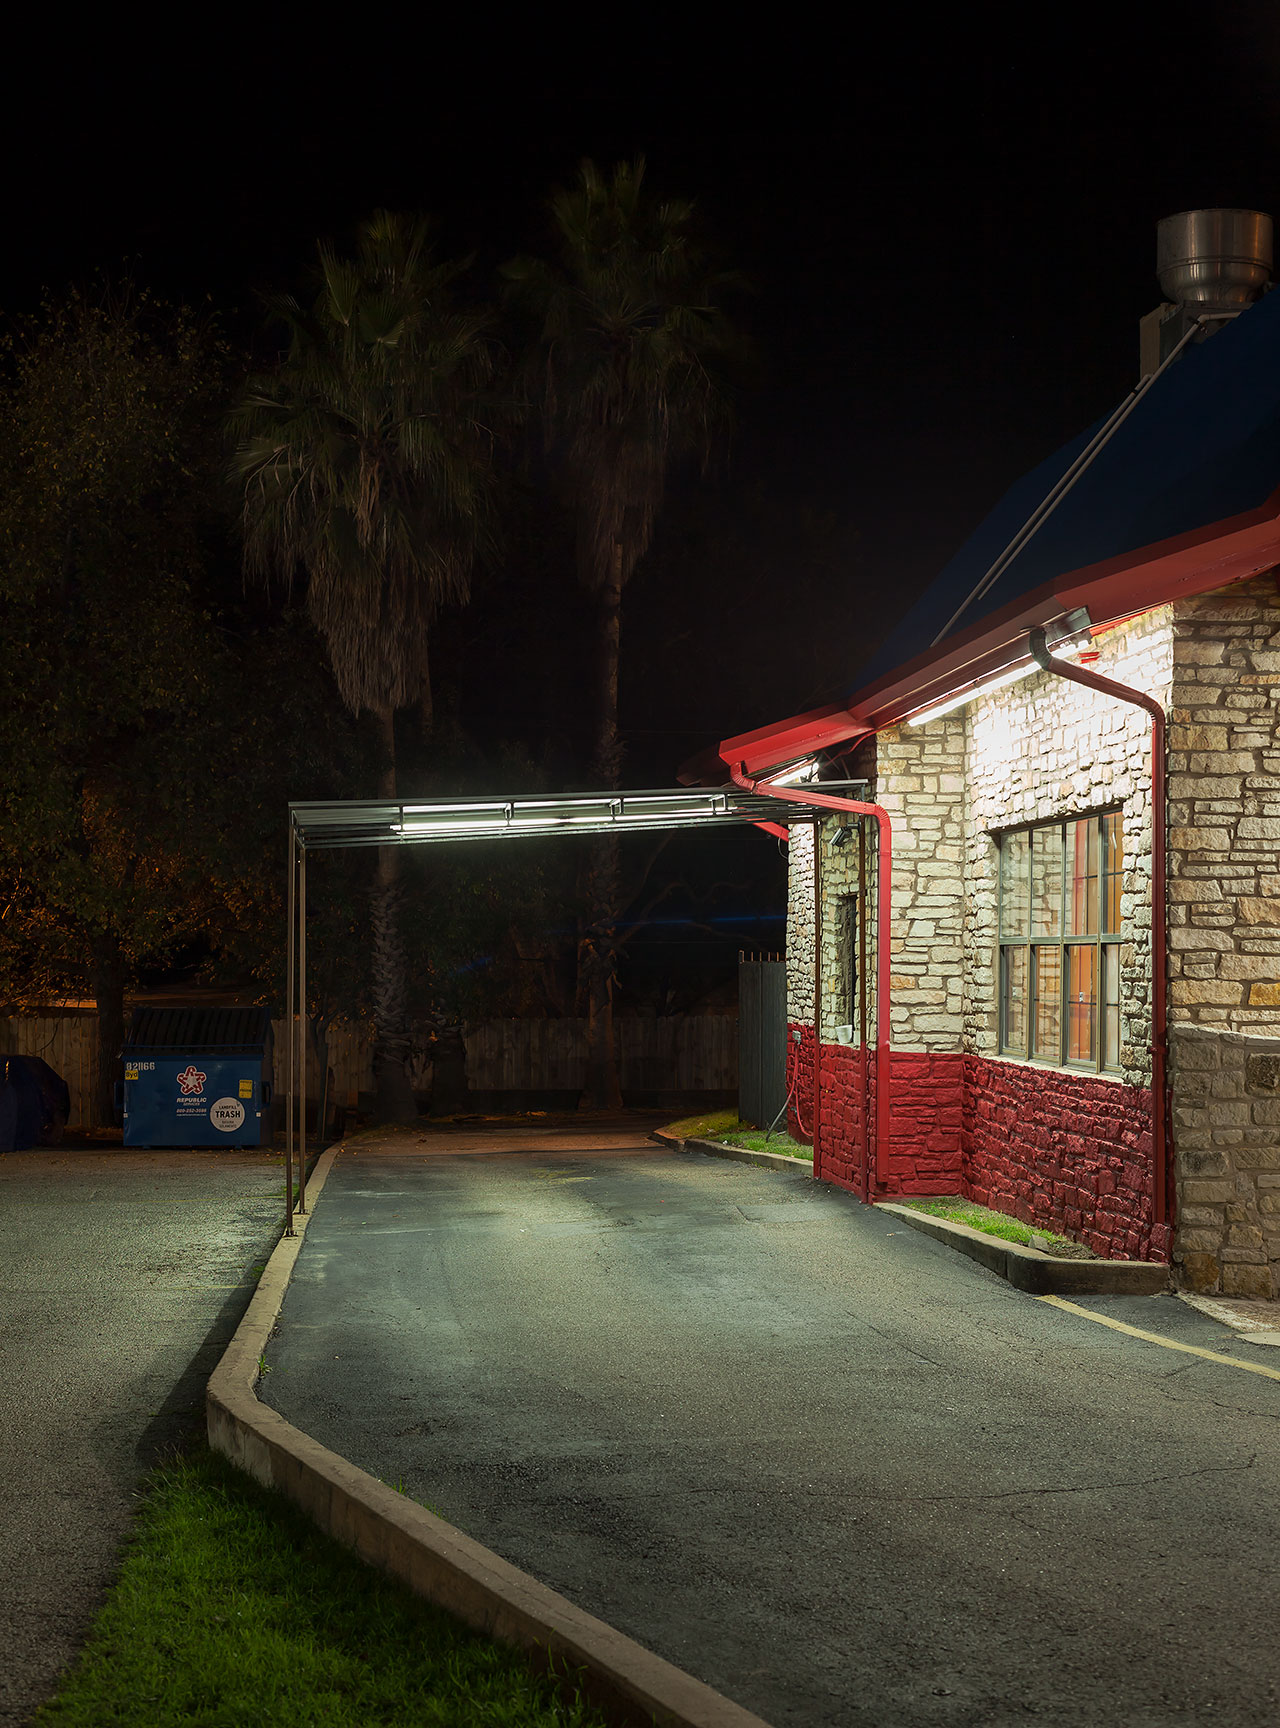 Мир на колёсах, © Марио Бранд, Билефельд / Германия, Победитель категории «Архитектура / Промышленность», Фотоконкурс Felix Schoeller